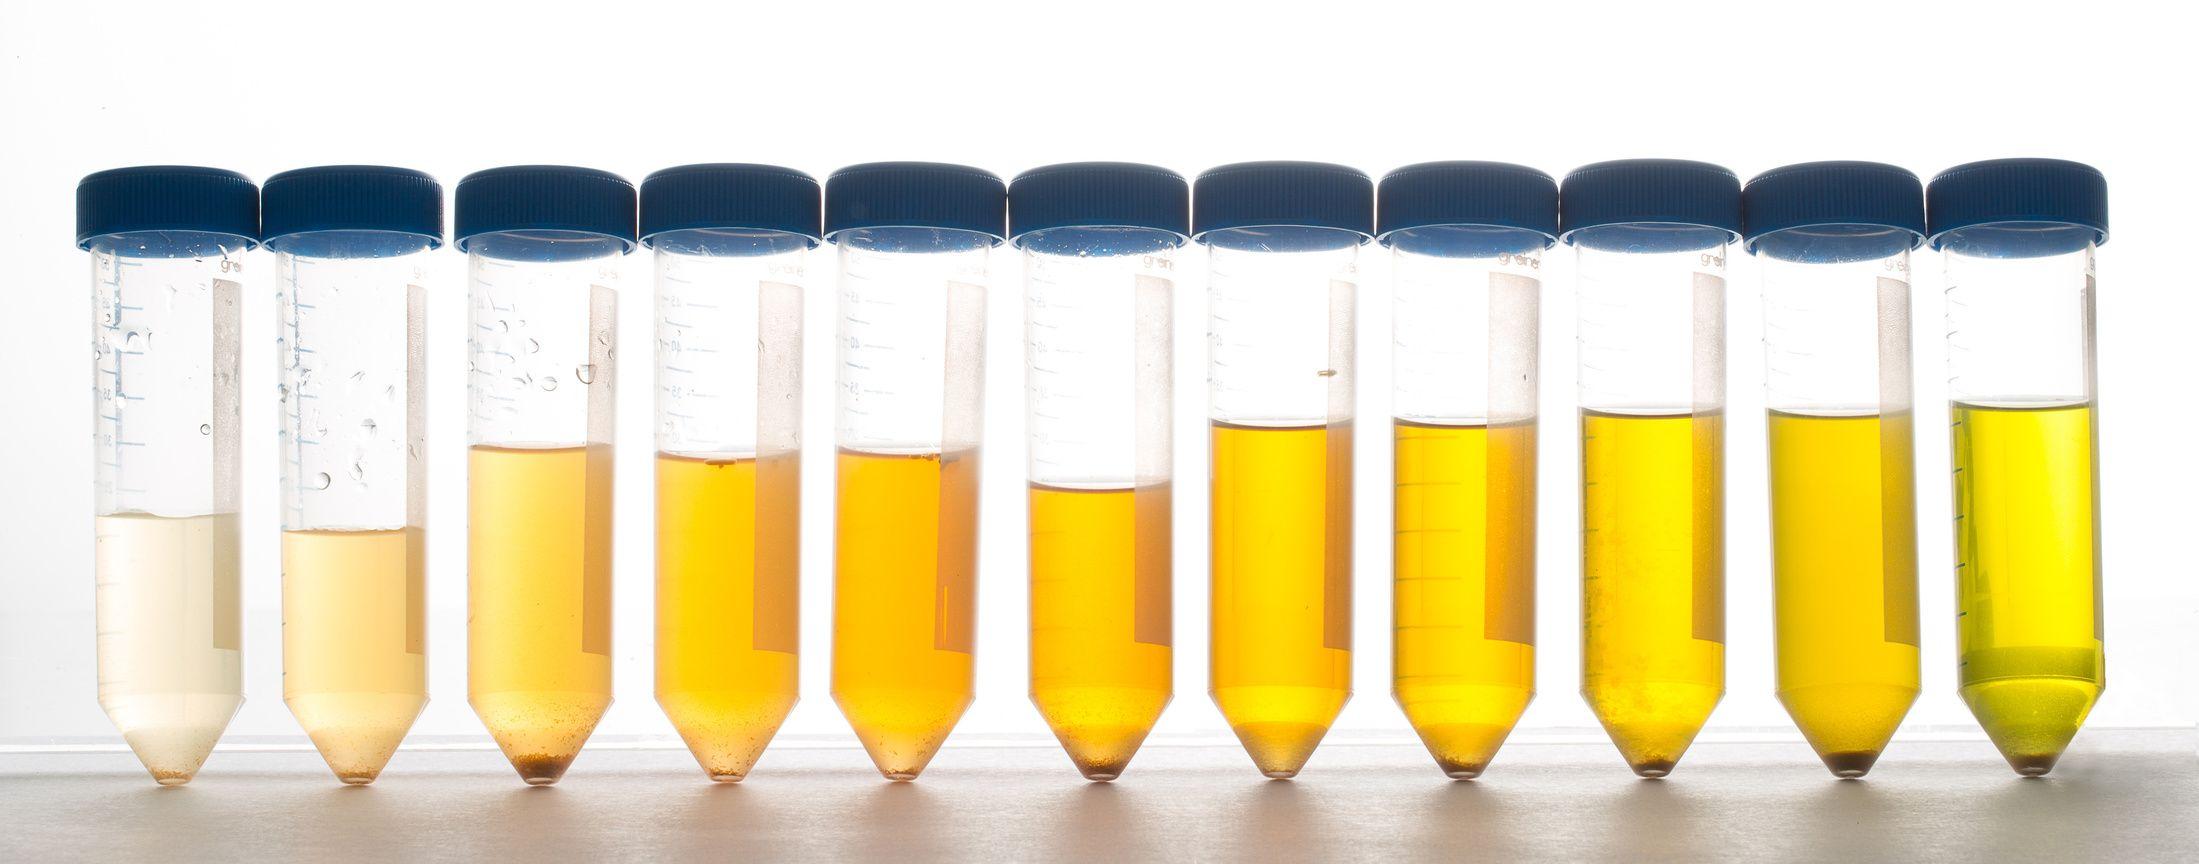 urin geschmack beeinflussen erotik com